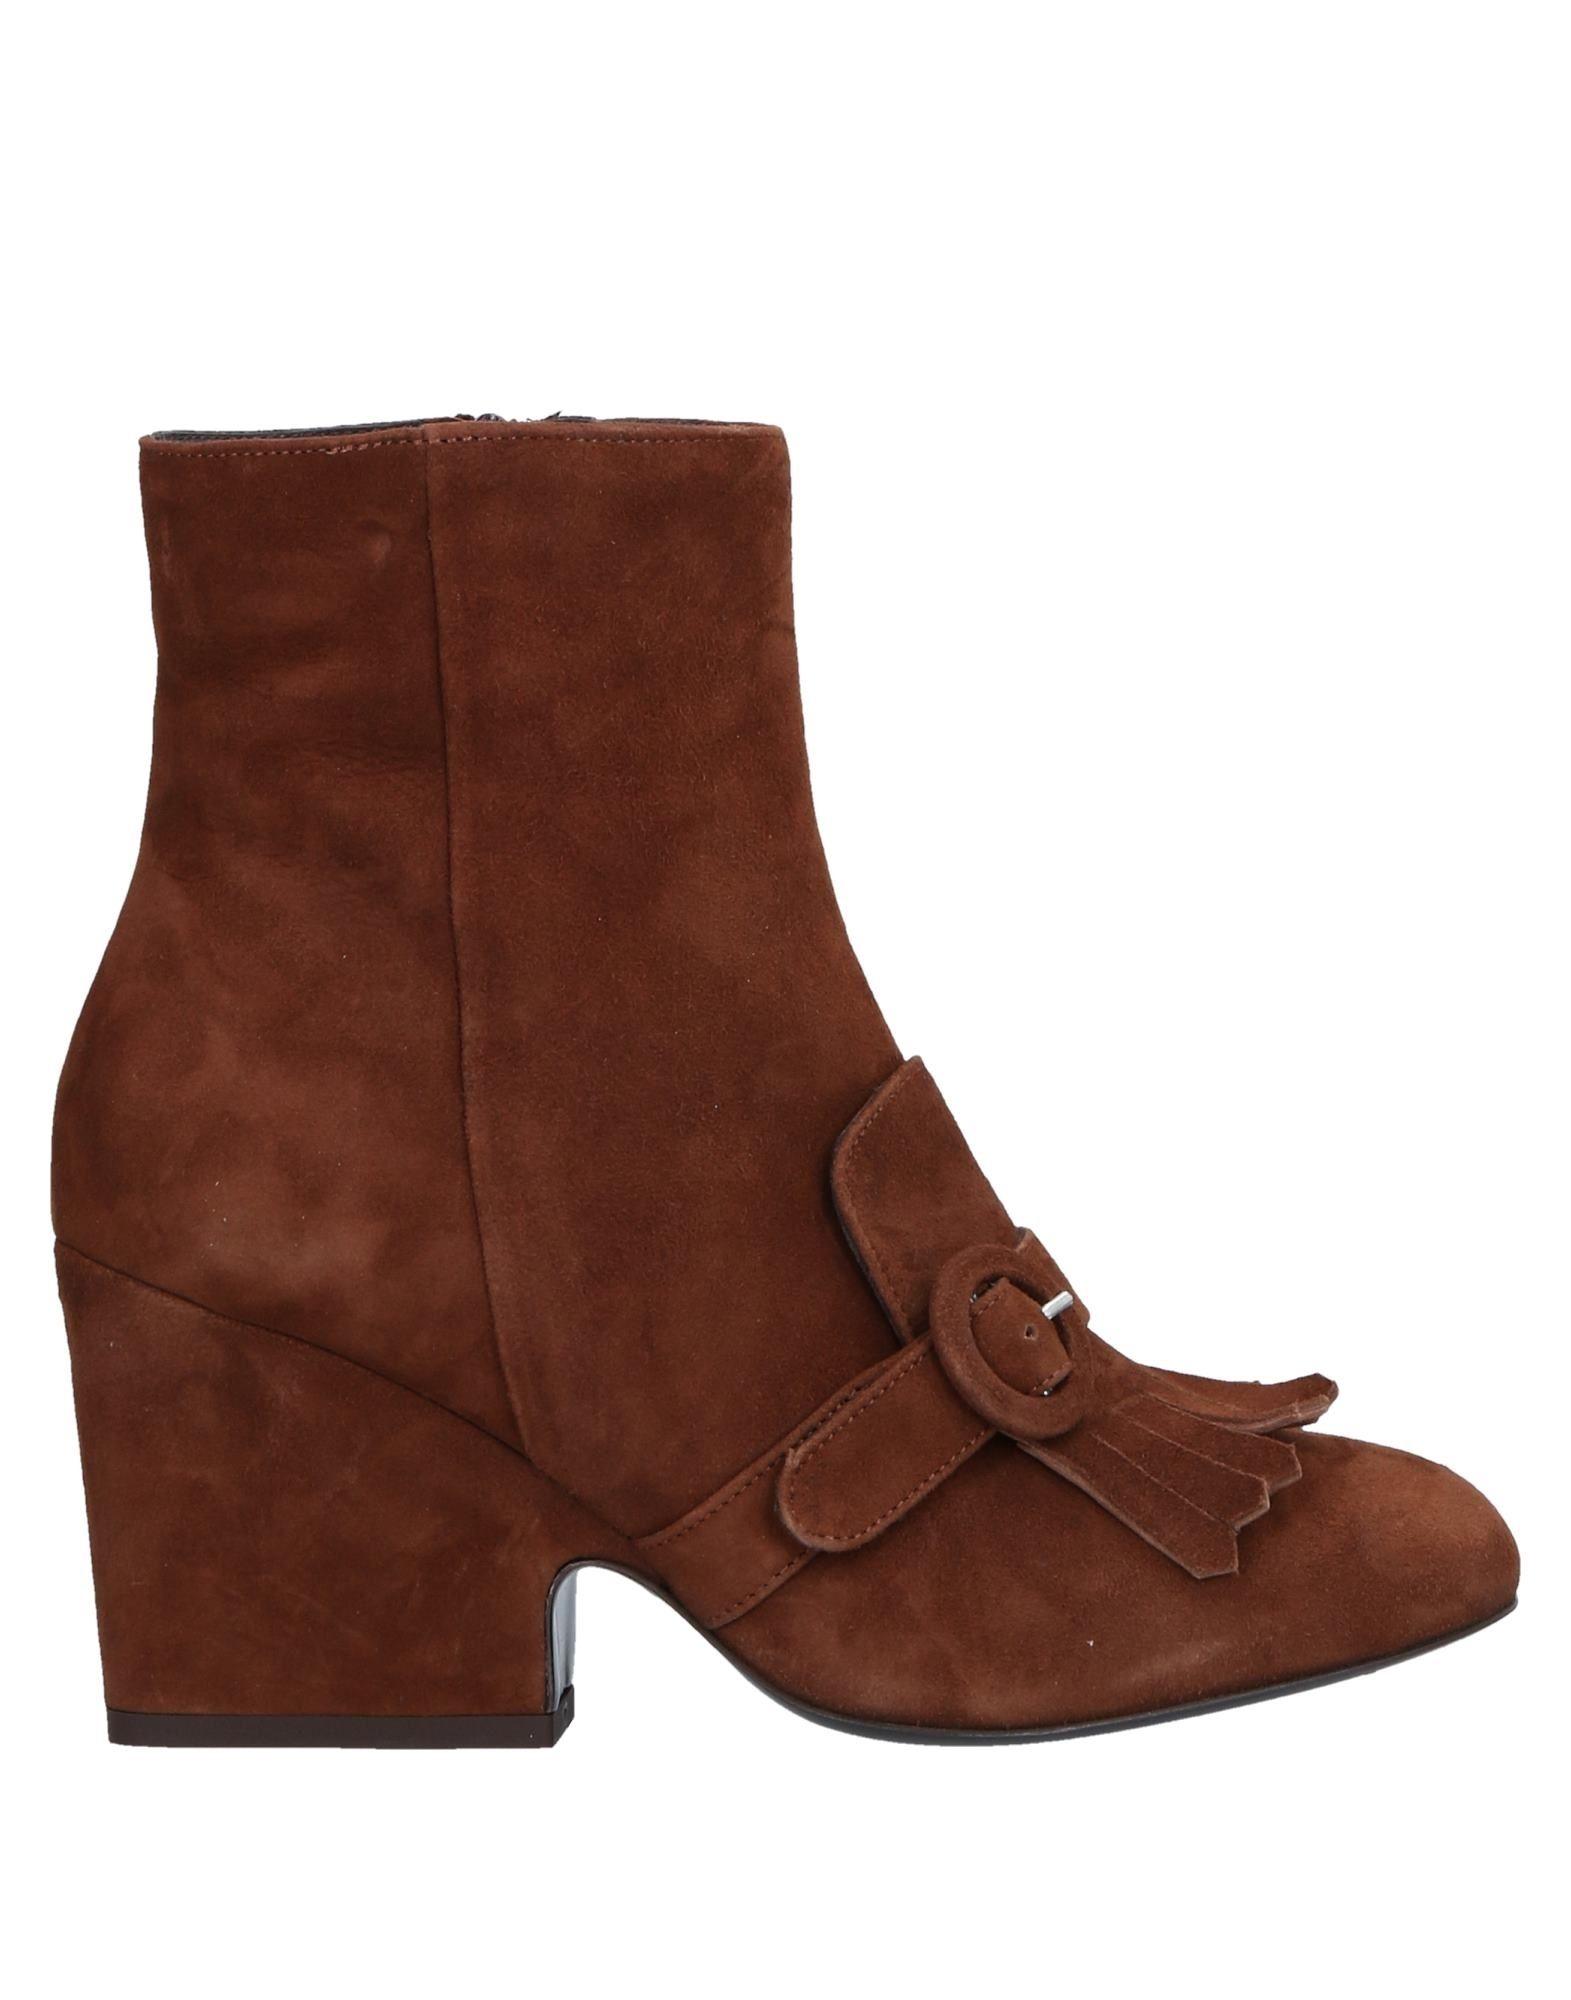 Gut tragenSilvia um billige Schuhe zu tragenSilvia Gut Rossini Stiefelette Damen  11518207IX 8682b4